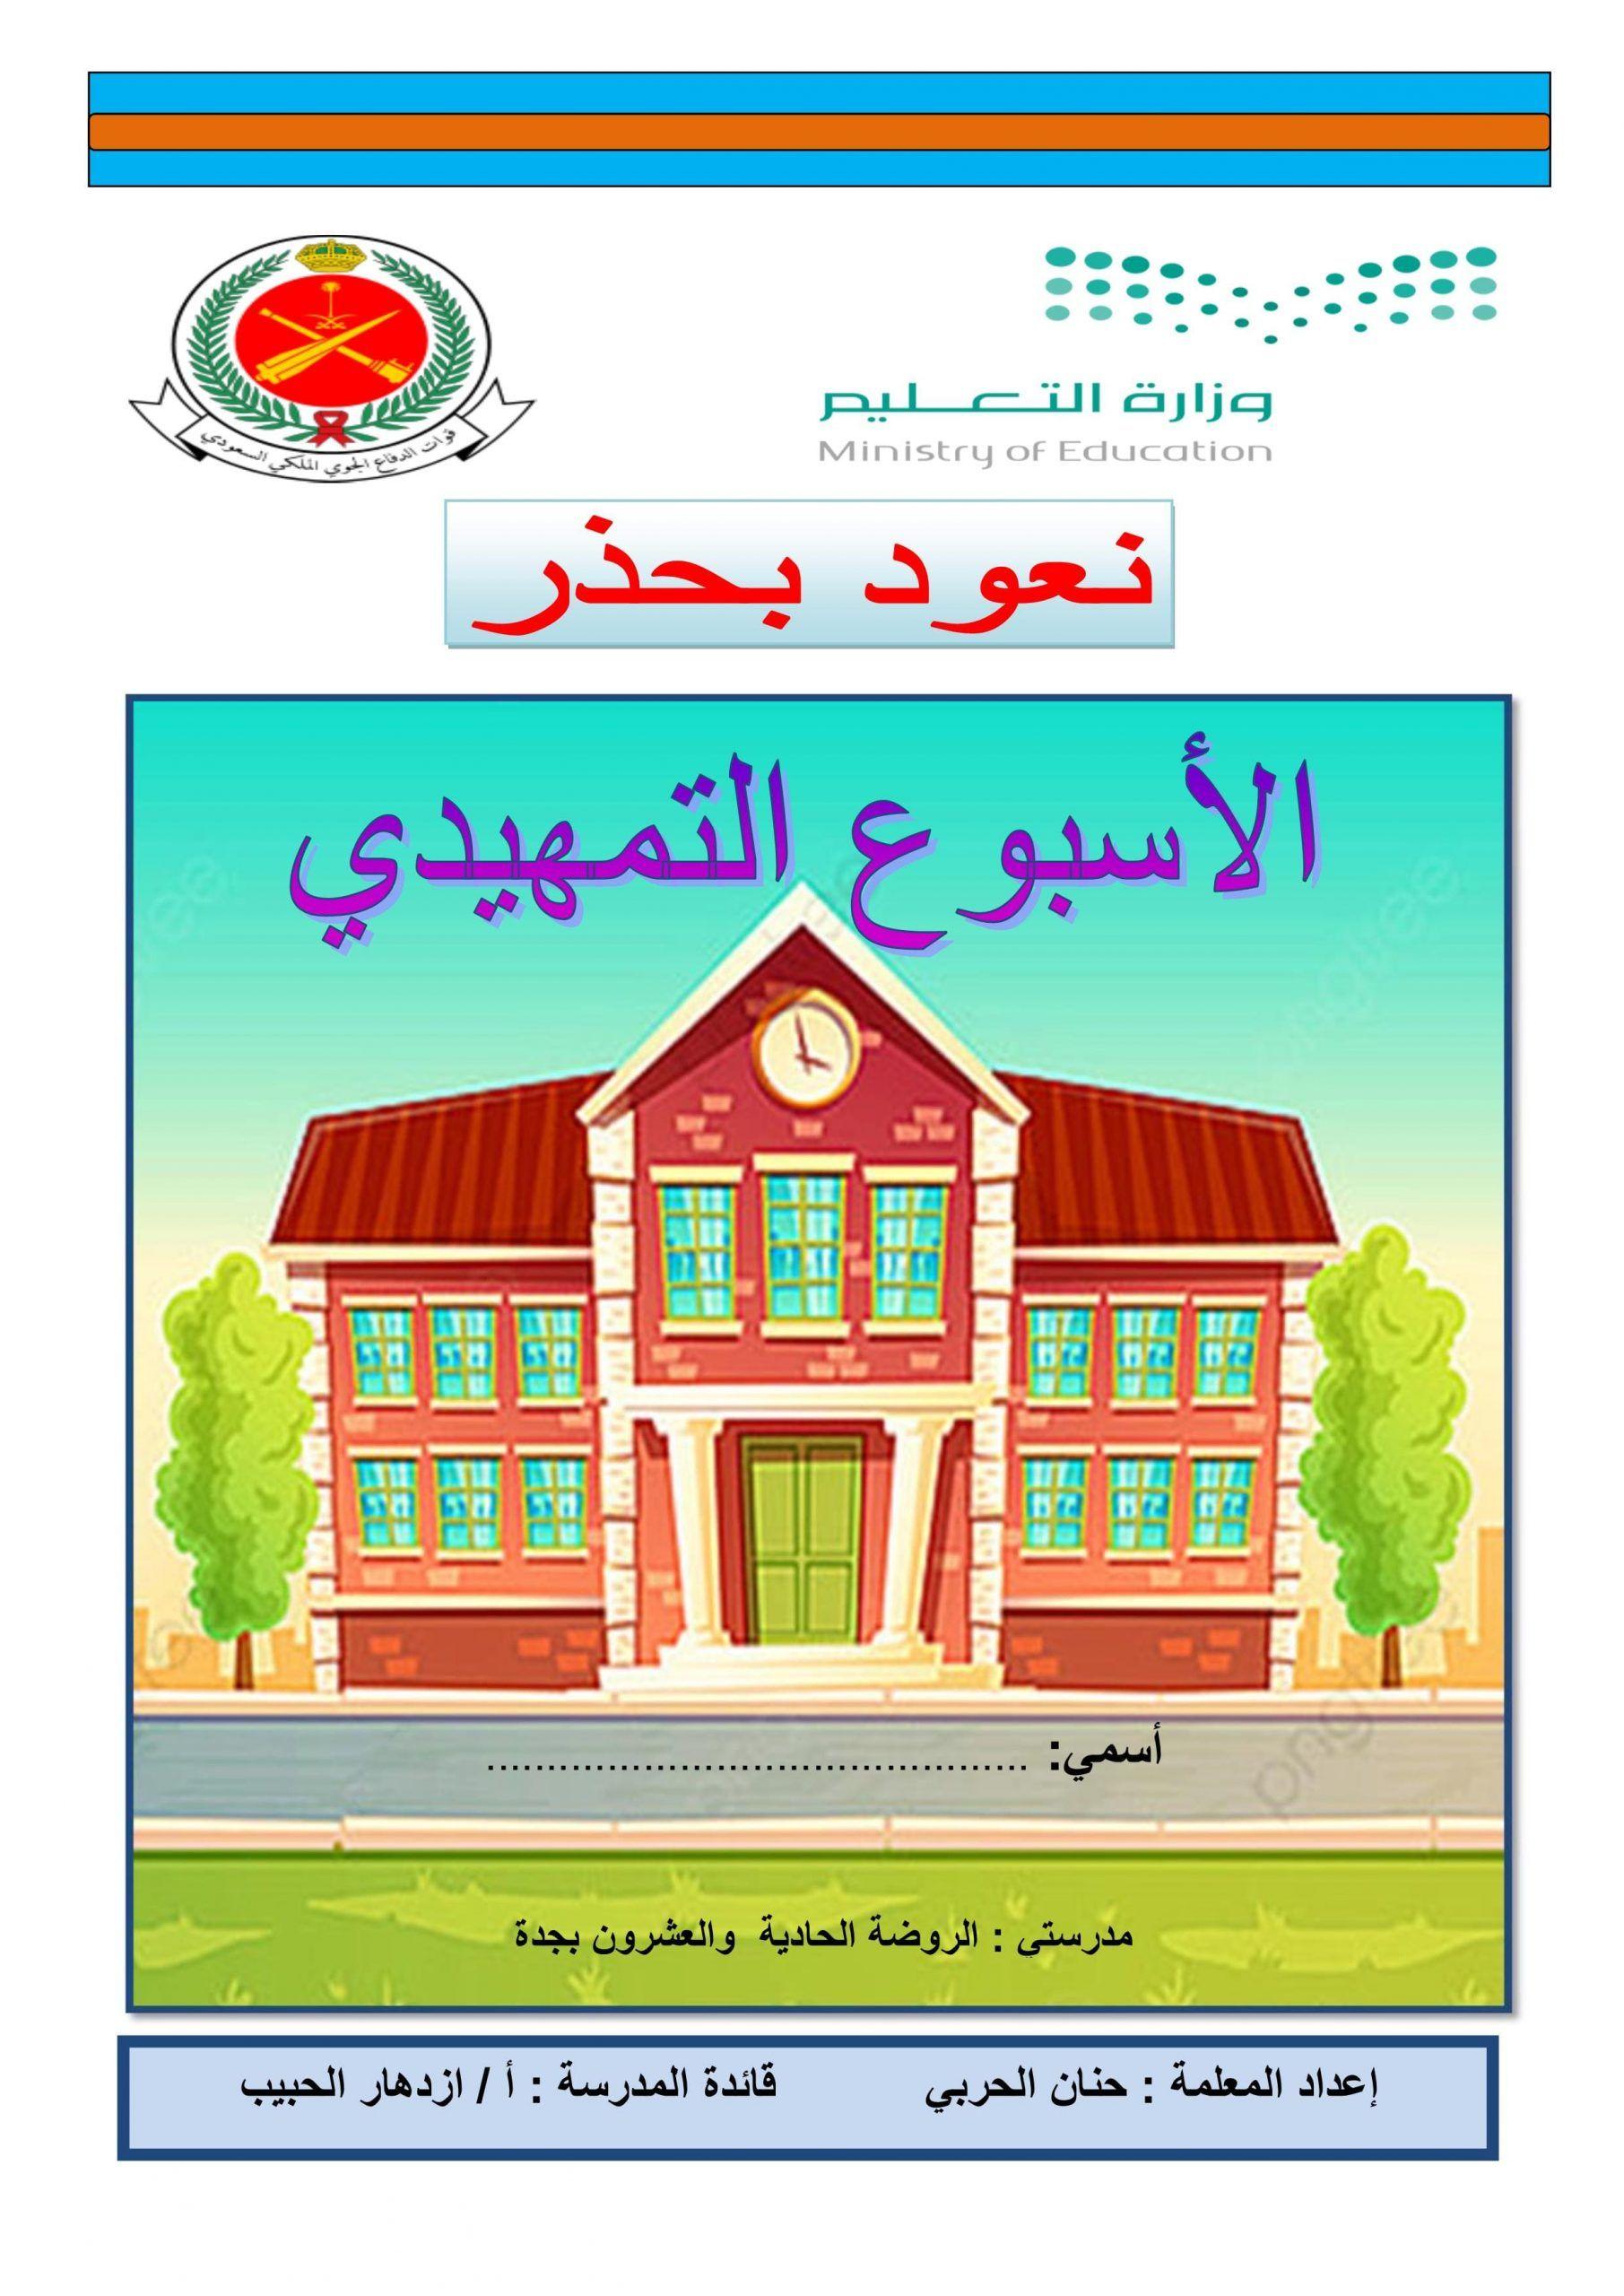 الاسبوع التمهيدي للاطفال الروضة اثناء عملية التعلم عن بعد Ministry Of Education Education Holiday Decor